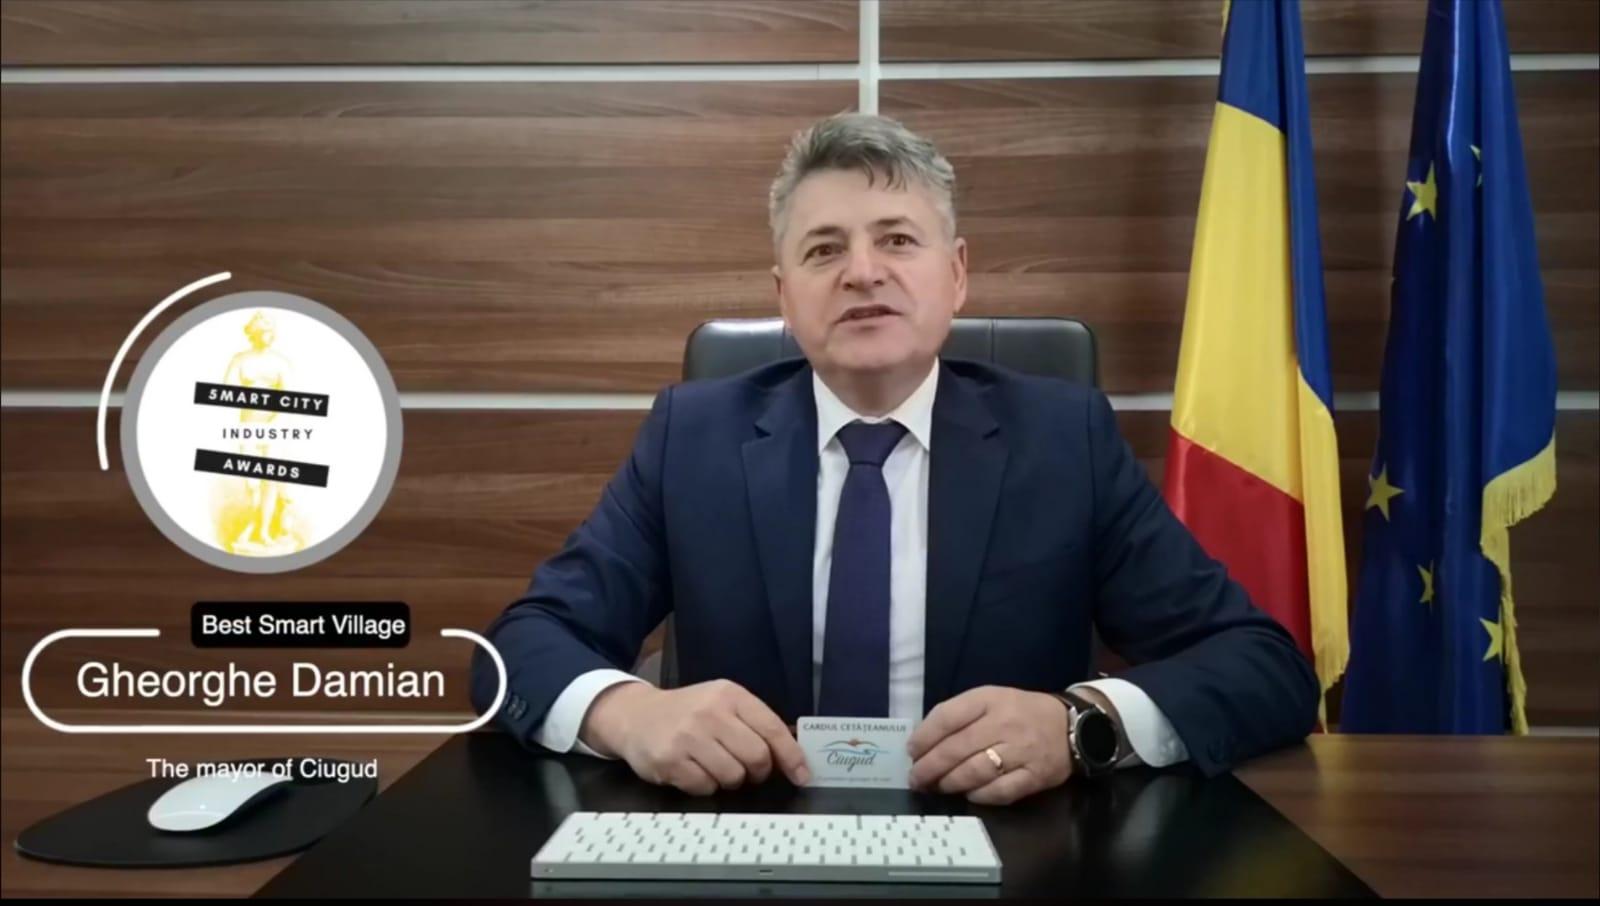 Ciugud – singura comună din România premiată la Gala Smart City Industry Awards